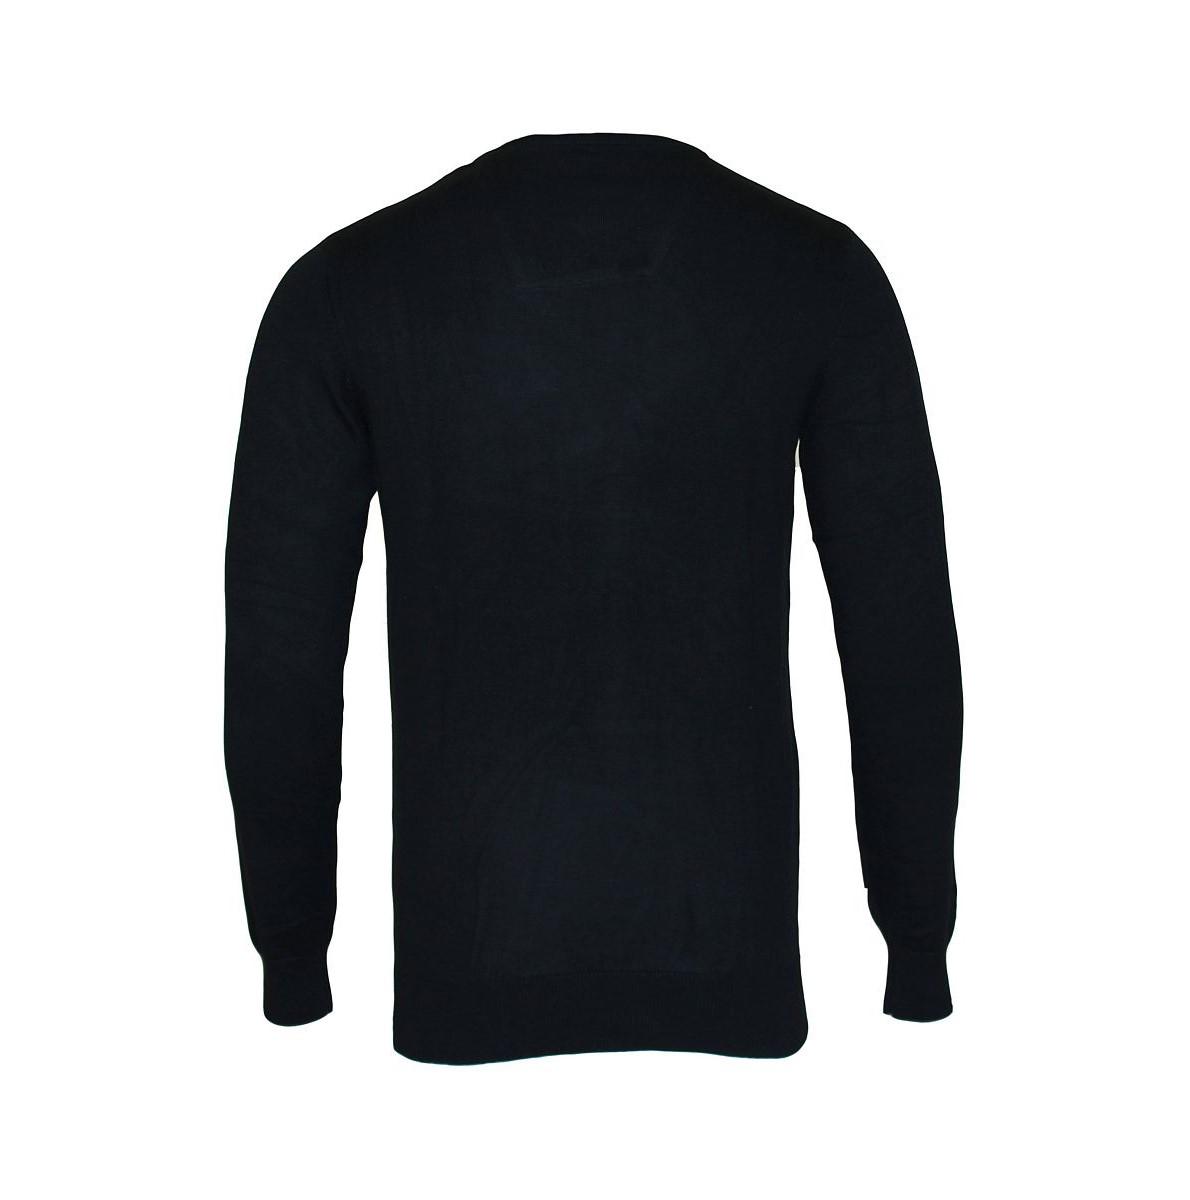 Tom Tailor Pullover Rundhals Herrenpullover Sweater 30197330910 2999 black, schwarz